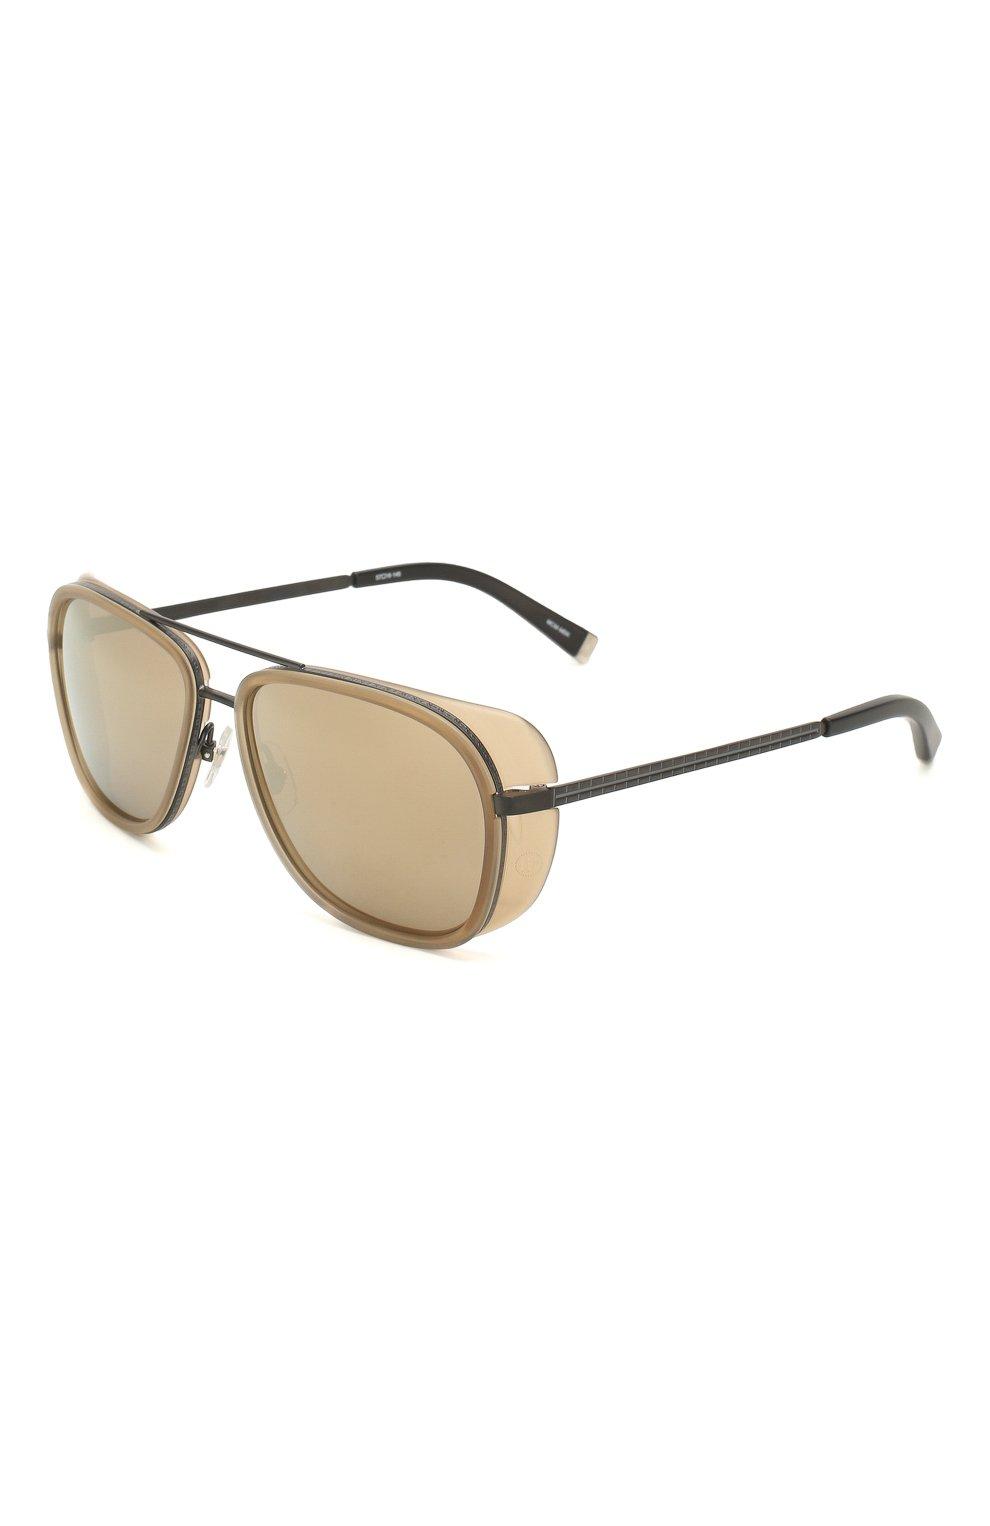 Женские солнцезащитные очки MATSUDA светло-коричневого цвета, арт. M3023 MCM-MBK | Фото 1 (Тип очков: С/з; Очки форма: Авиаторы; Оптика Гендер: оптика-унисекс)